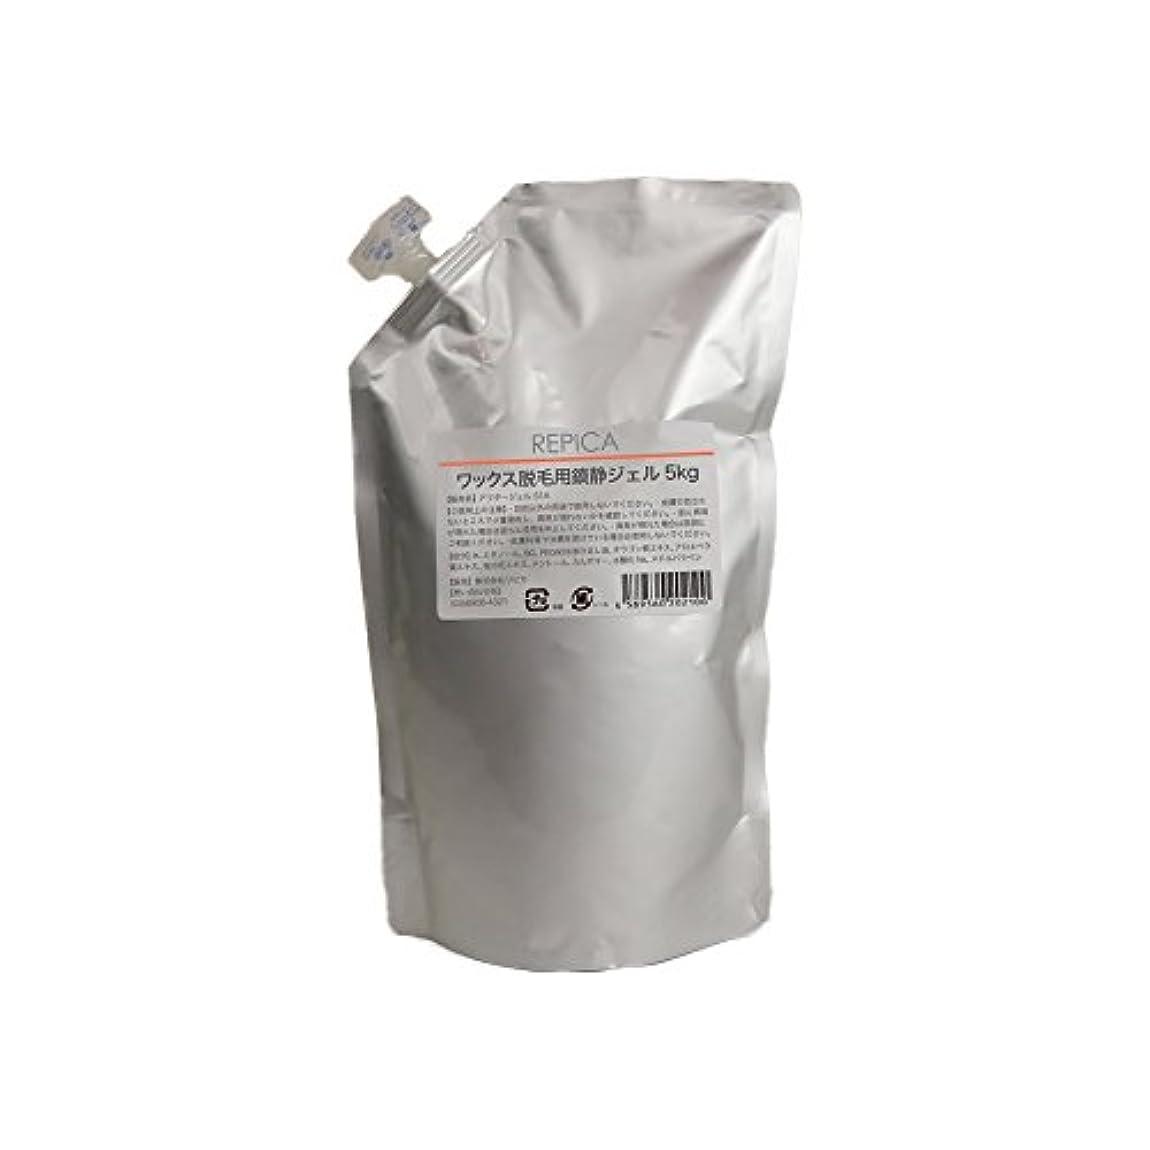 袋傷つきやすい不規則性REPICA ワックス脱毛用鎮静ジェル ブラジリアンワッックス (5kg) 業務用 家庭用 クーリングジェル